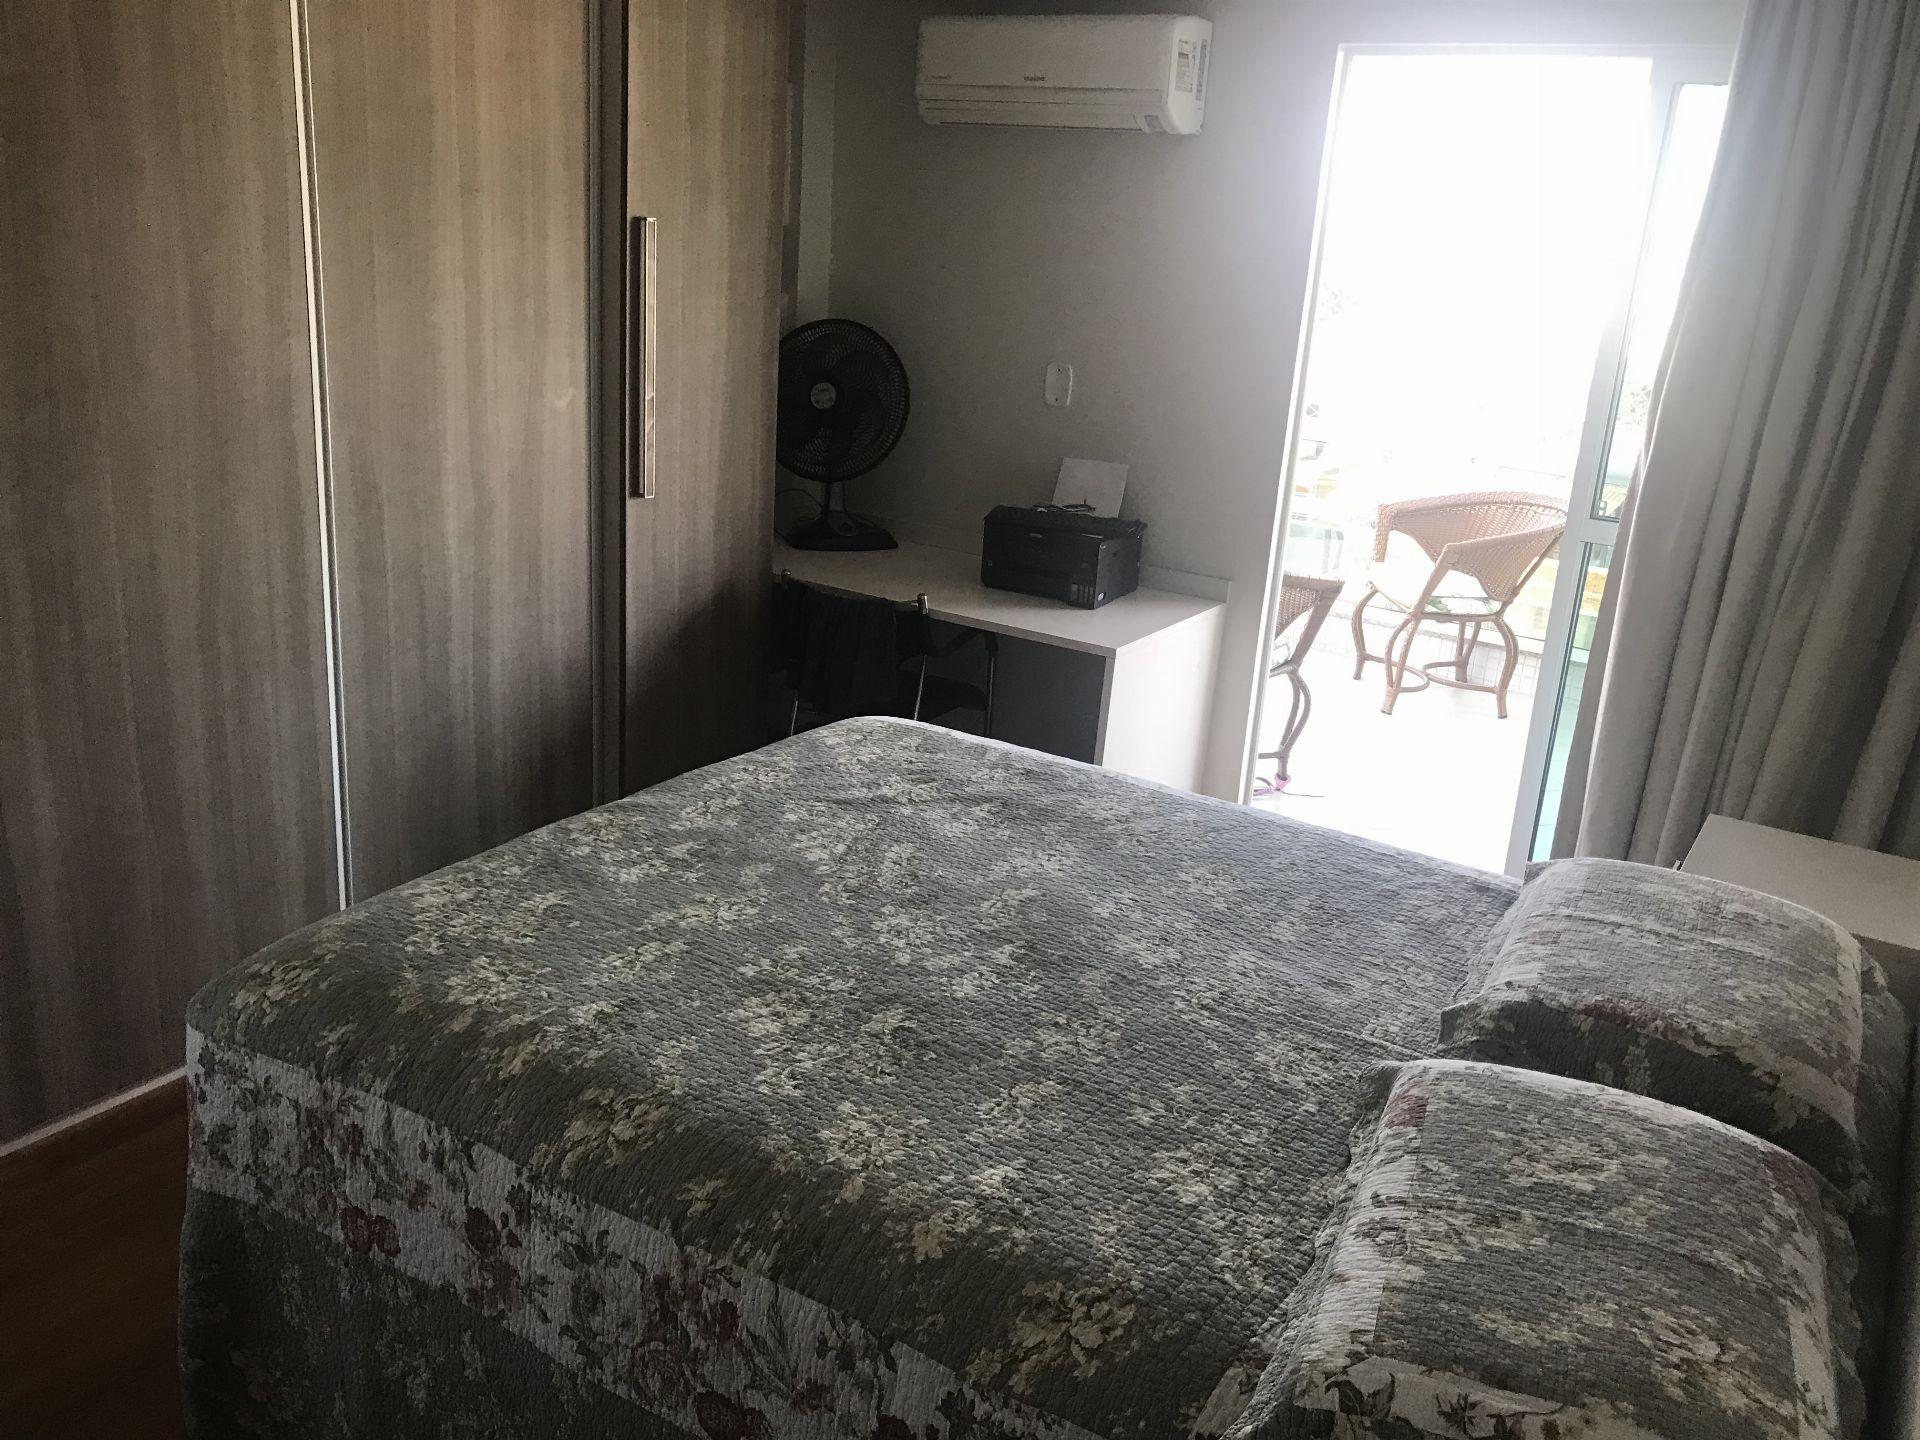 FOTO 10 - Apartamento à venda Rua Rosário Oeste,Vila Valqueire, Rio de Janeiro - R$ 990.000 - RF133 - 11